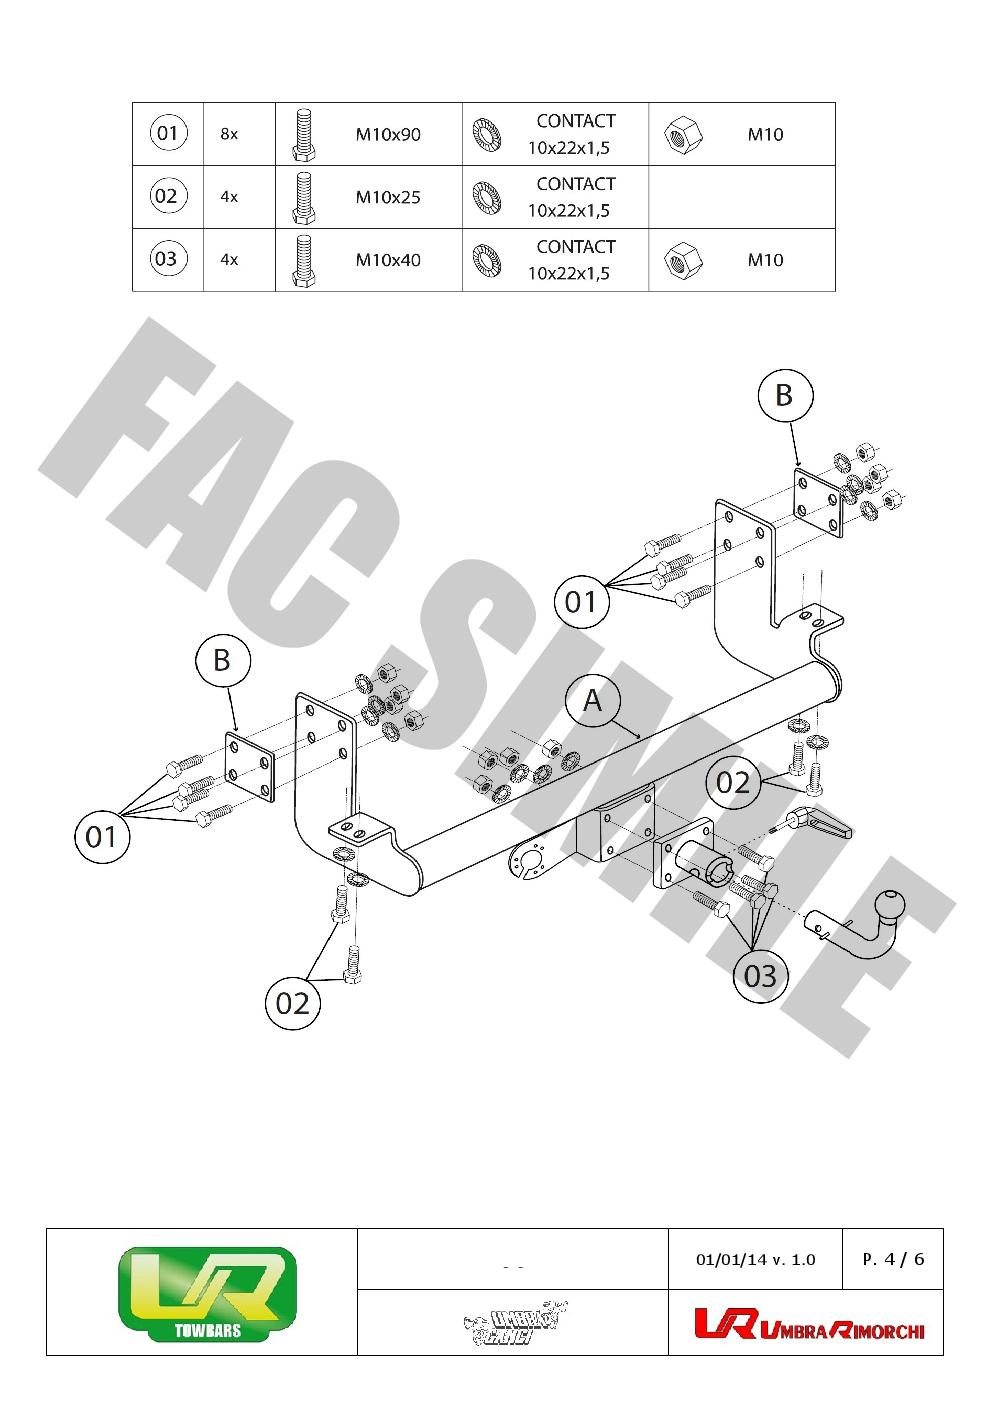 Bola Remolque Desm Kit C2 7p para Mercedes SPRINTER VAN ejes 3,0 95-00 23027/_A1